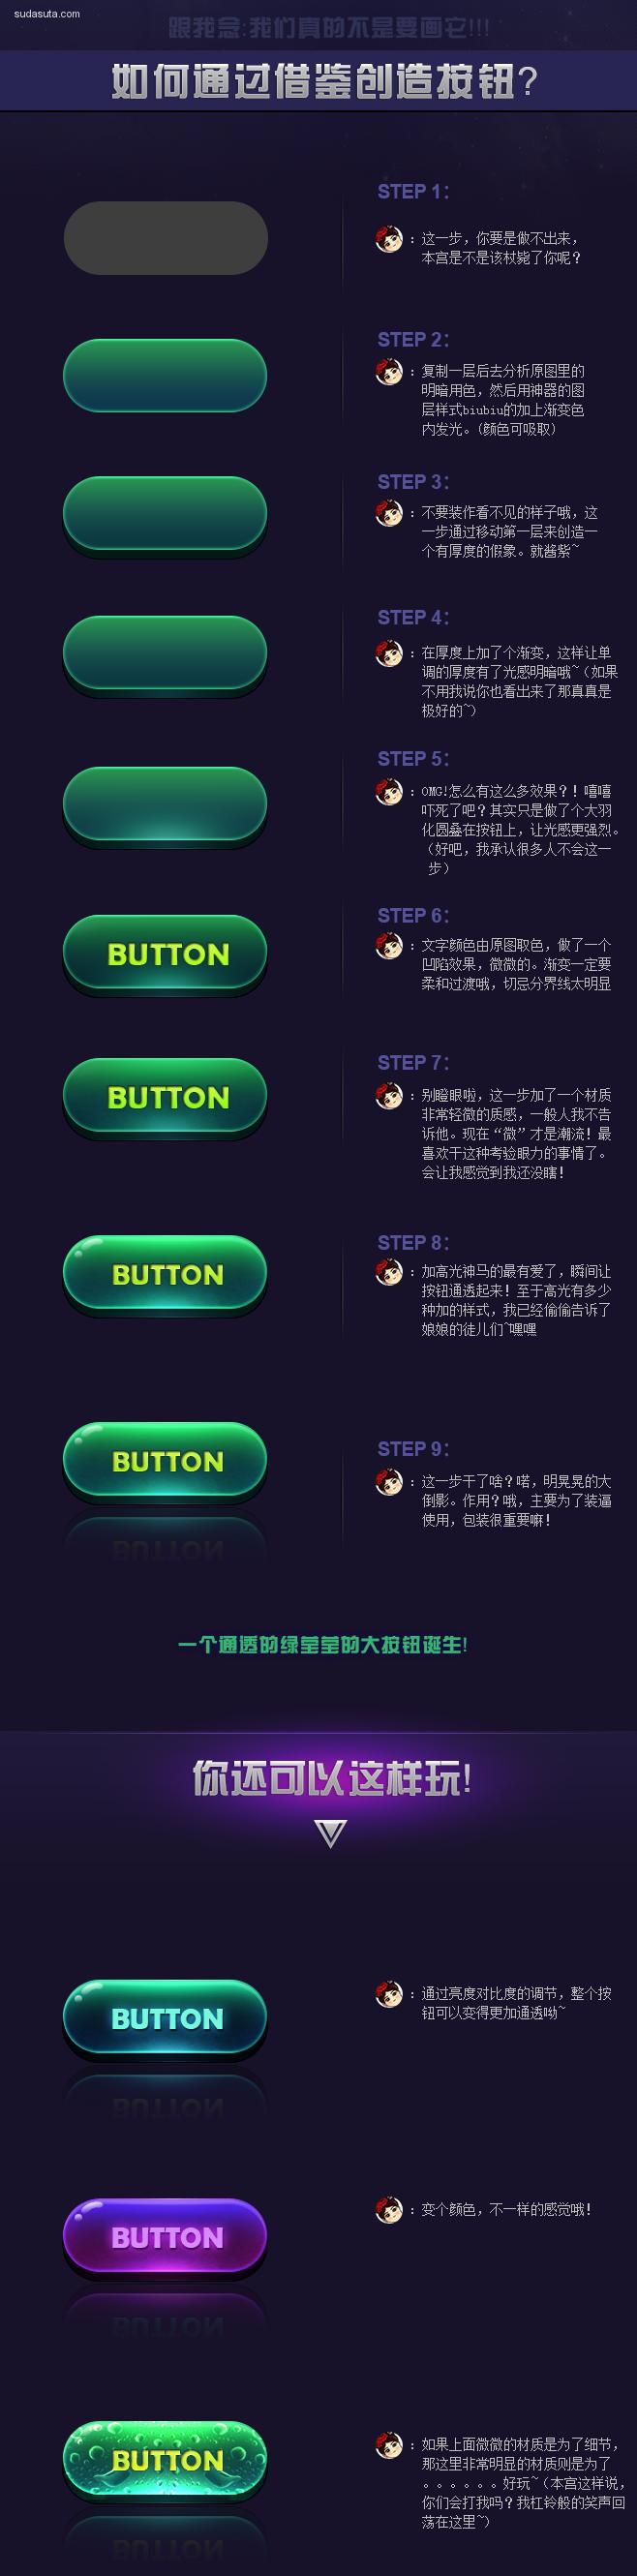 如何制作一个玻璃效果的按钮